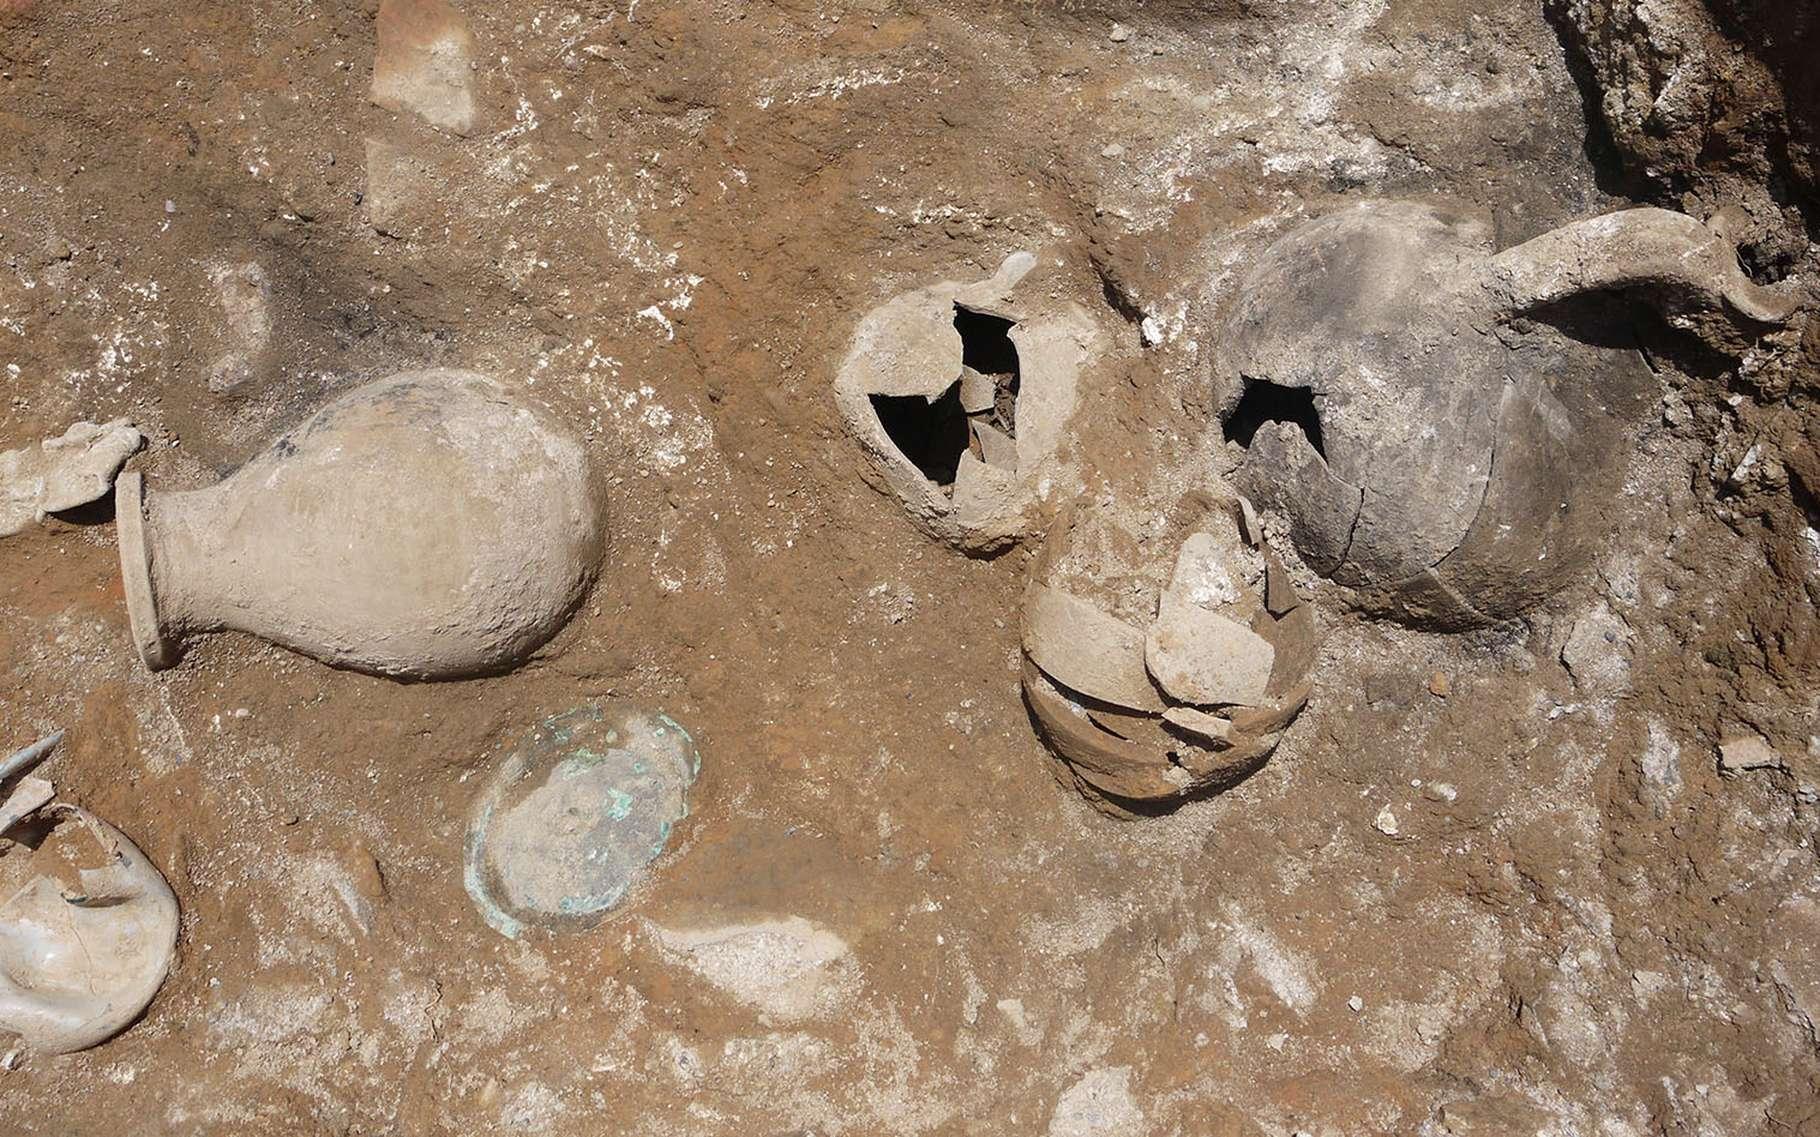 À Dyrrachium, les techniques les plus modernes sont mises en œuvre pour la recherche archéologique. © Catherine Abadie-Reynal, tous droits réservés